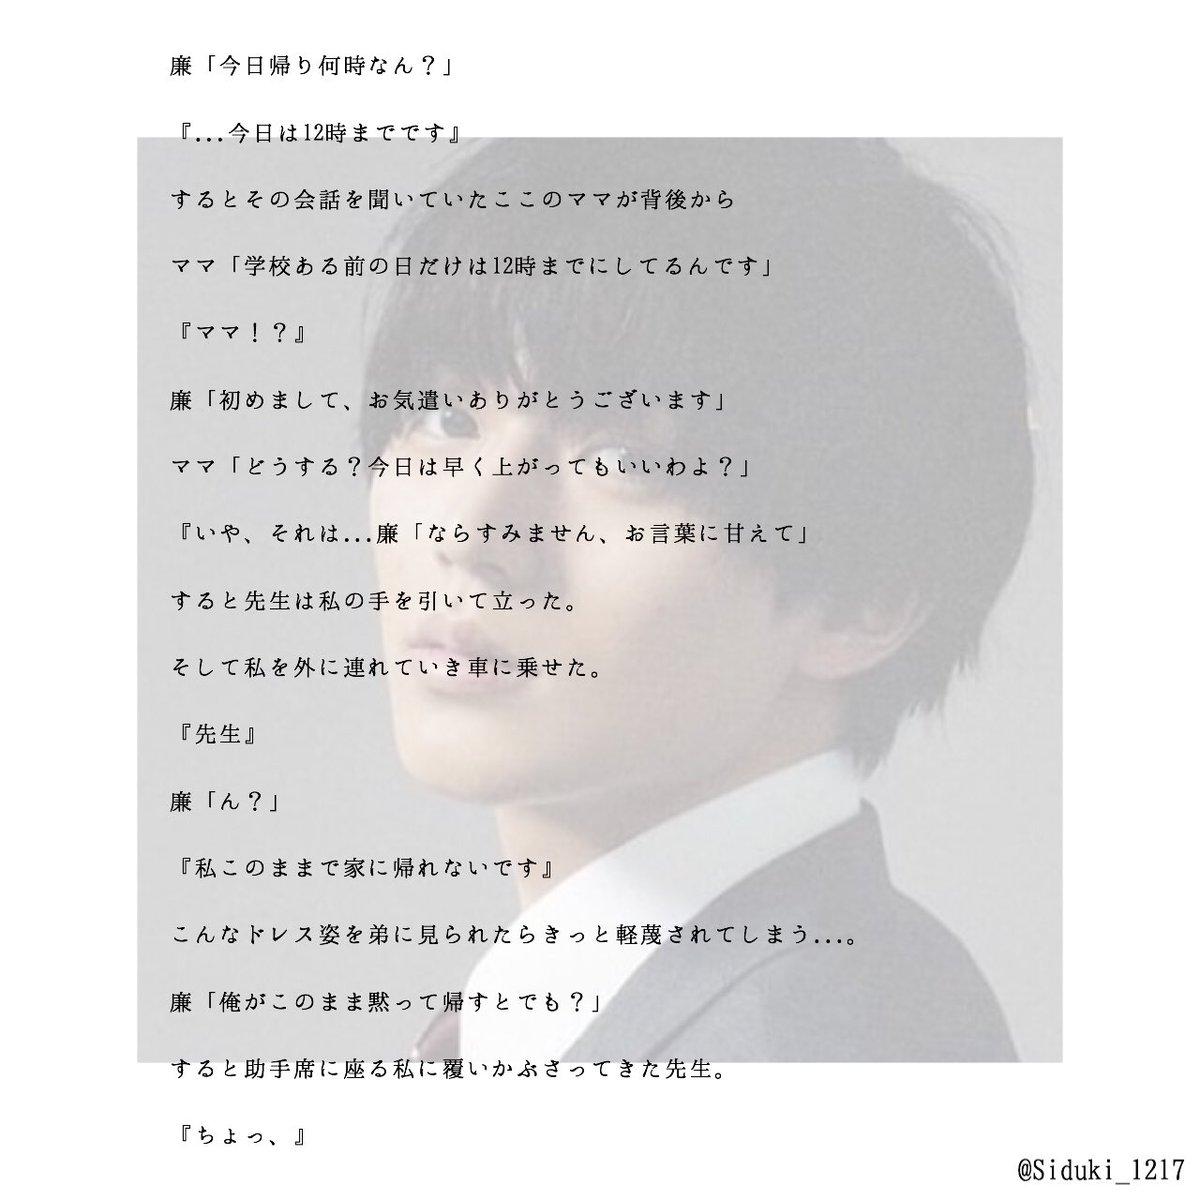 小説 ゾム 特別 zmさん総受けの吸血鬼パロ